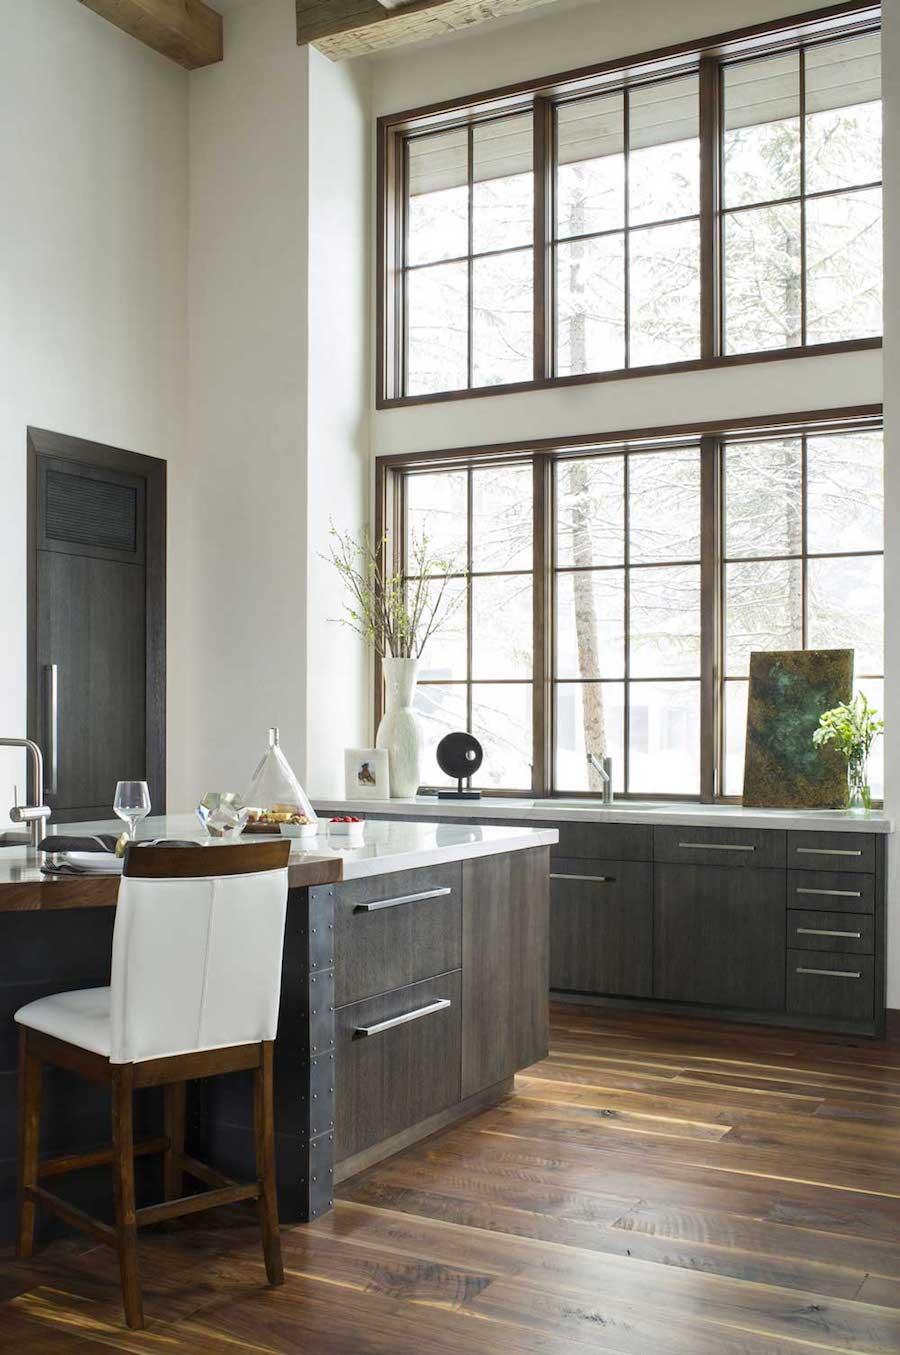 Beaverdam02 • Exquisite Kitchen Design. Kitchen Design Tool Ikea. Kitchen Design Concept. Modern Kitchen Designs 2012. Best Kitchen Design Software. Rustic Kitchen Designs Photo Gallery. Kitchens By Design Boise. Kitchen And Bath Design Studio. Kitchen Patterns And Designs